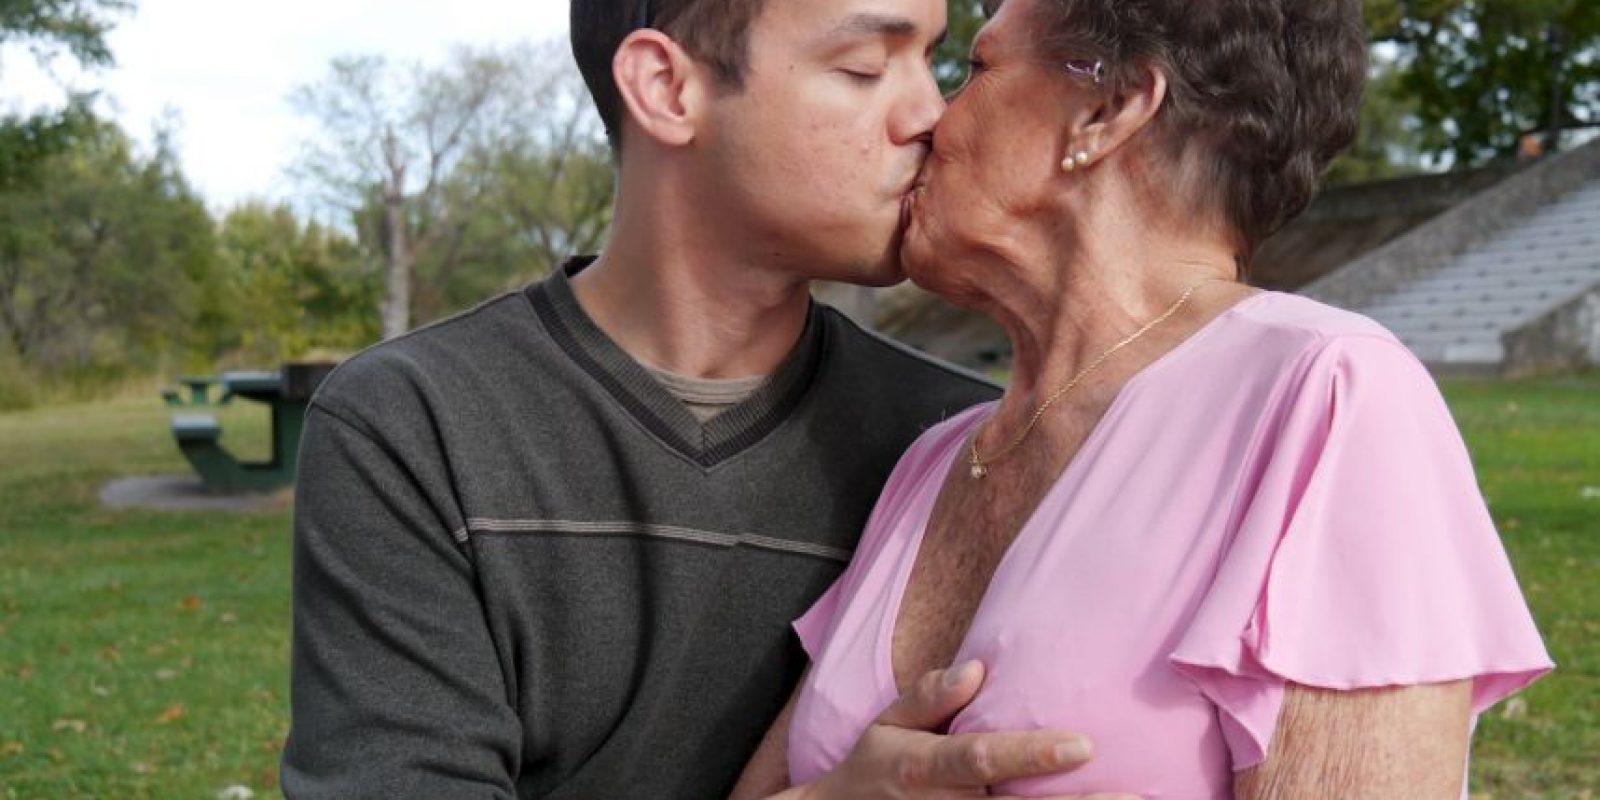 Abuelas Porno Chile abuela hace películas pornográficas a sus 80 años   metro